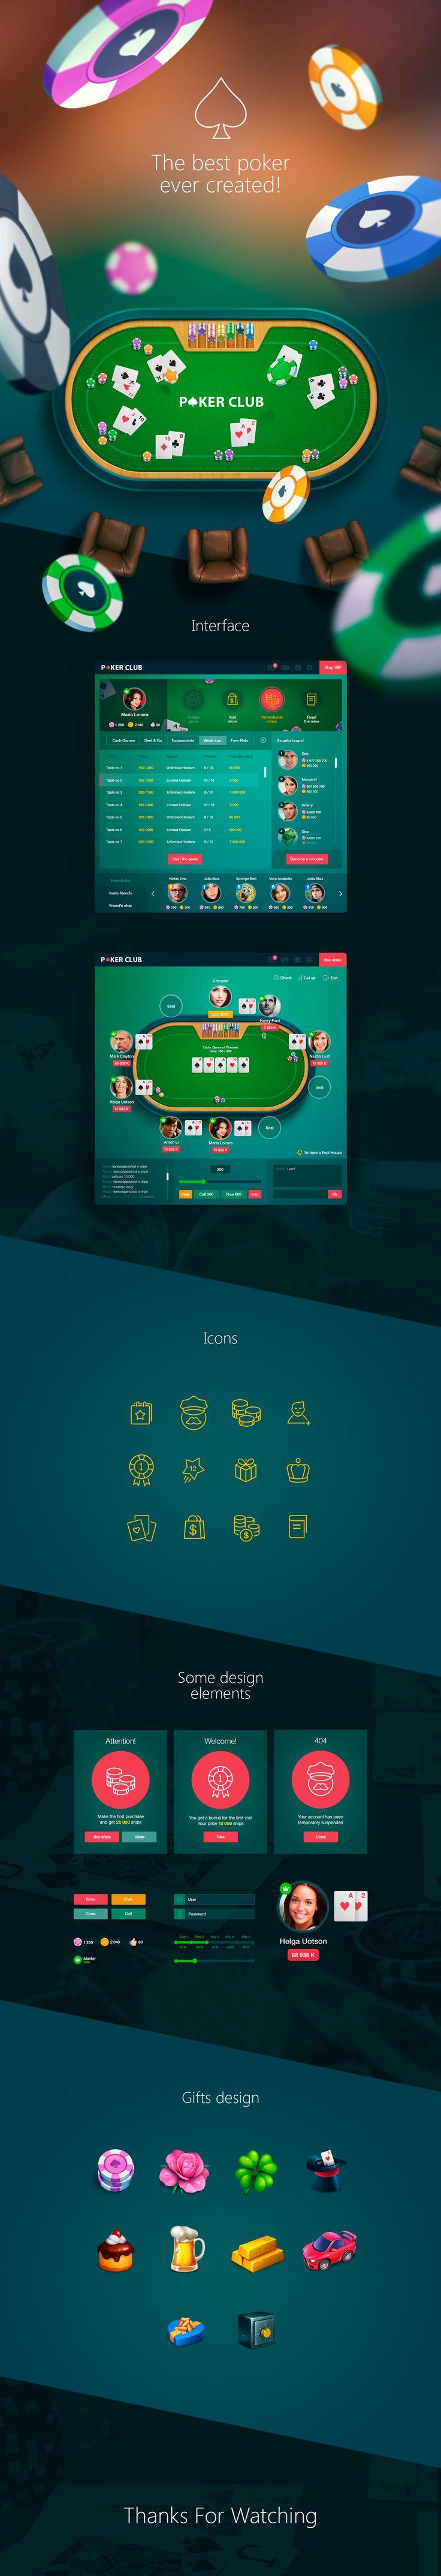 Poker game - app for social network on Behance